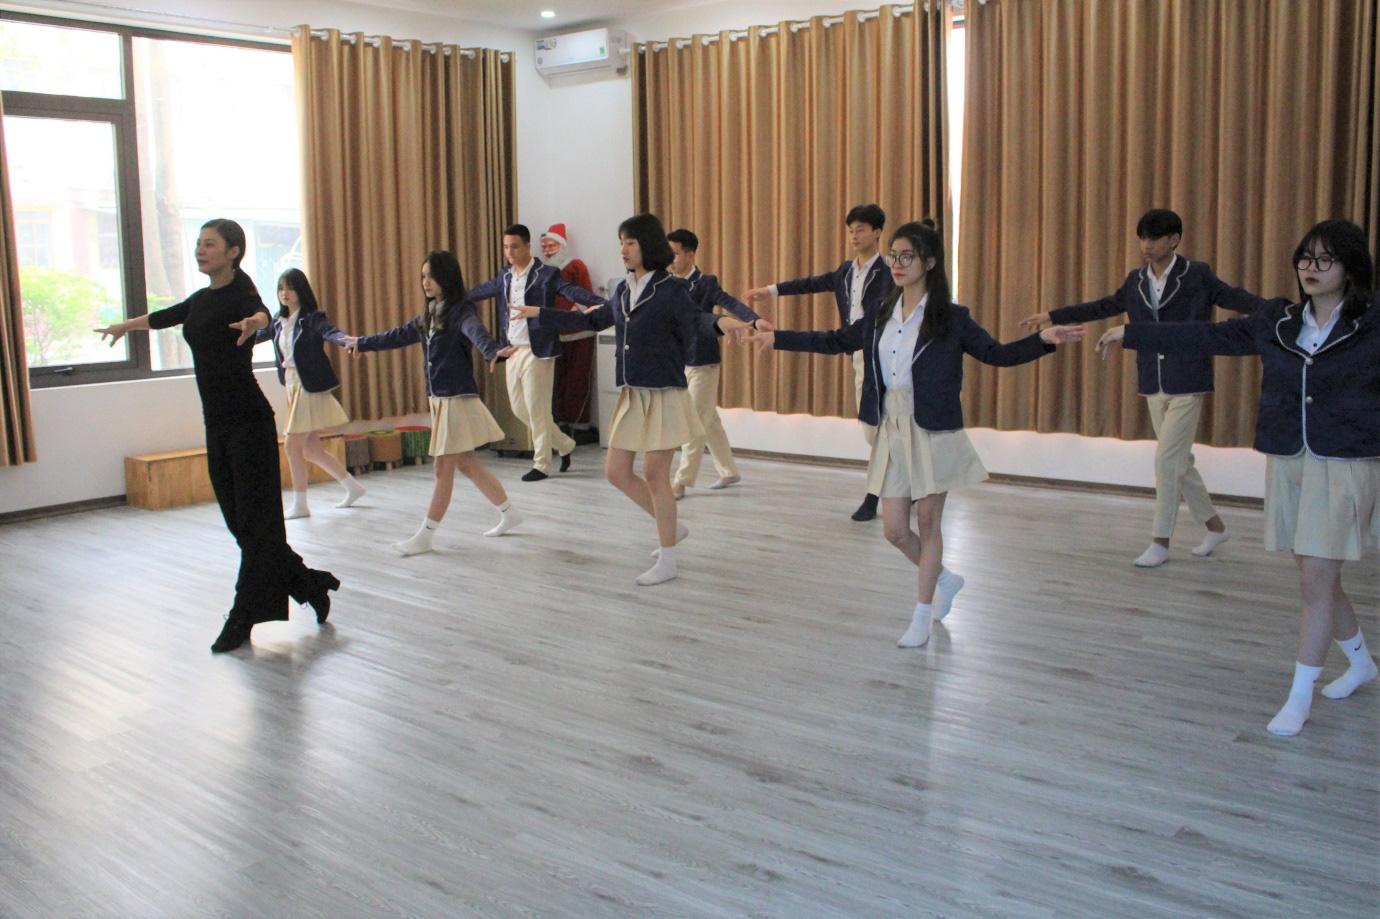 Lớp 10 khởi nghiệp kinh doanh thu hút giới trẻ Hà Nội - Ảnh 2.